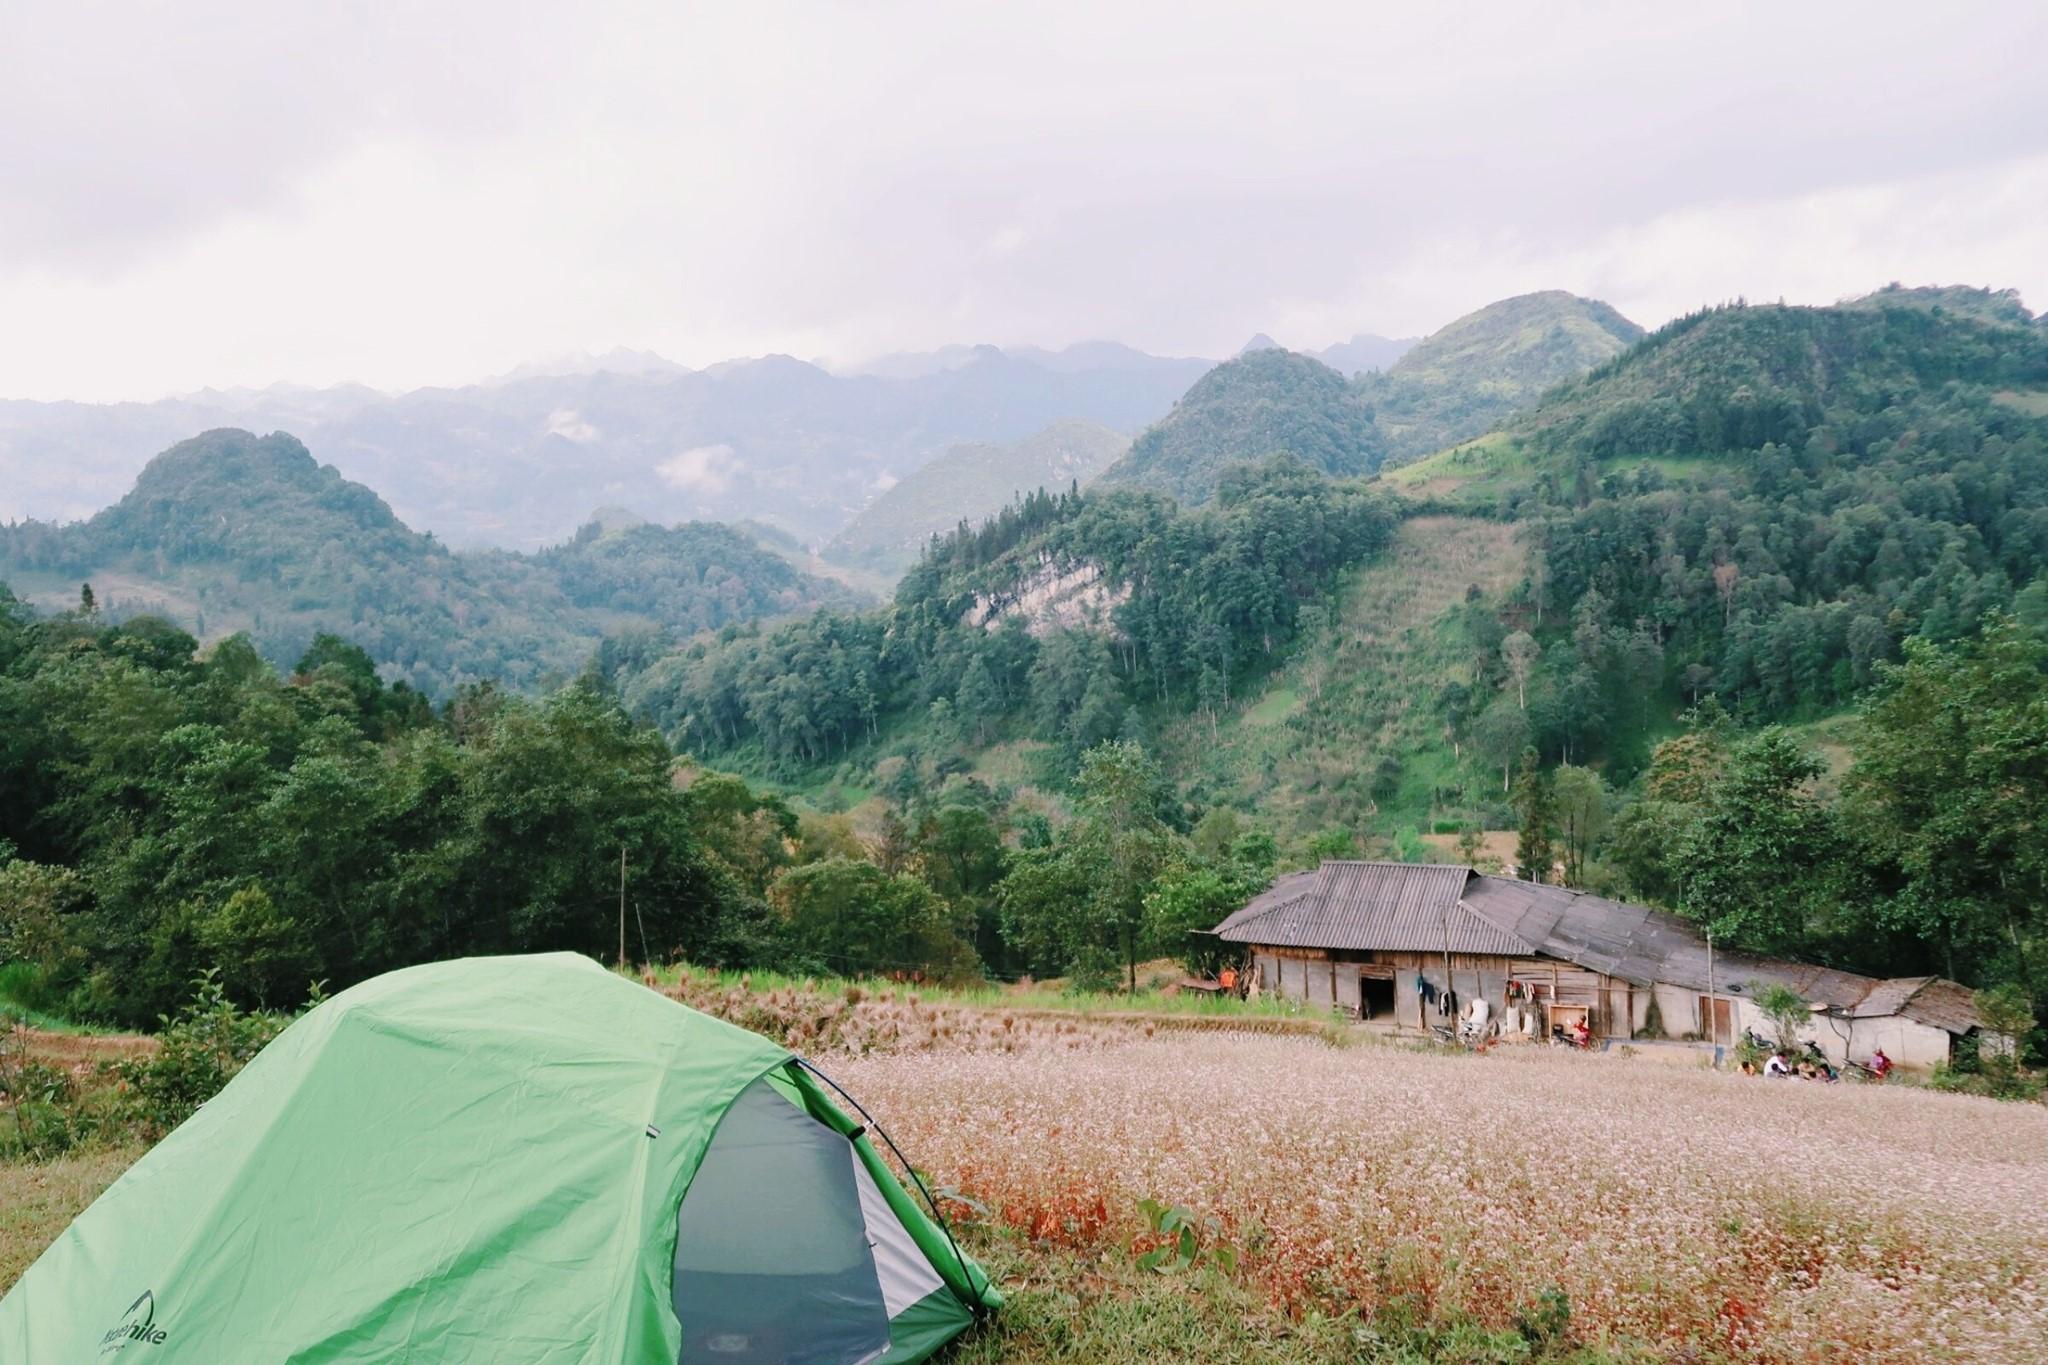 Cắm trại trên đồi hoa tam giác mạch